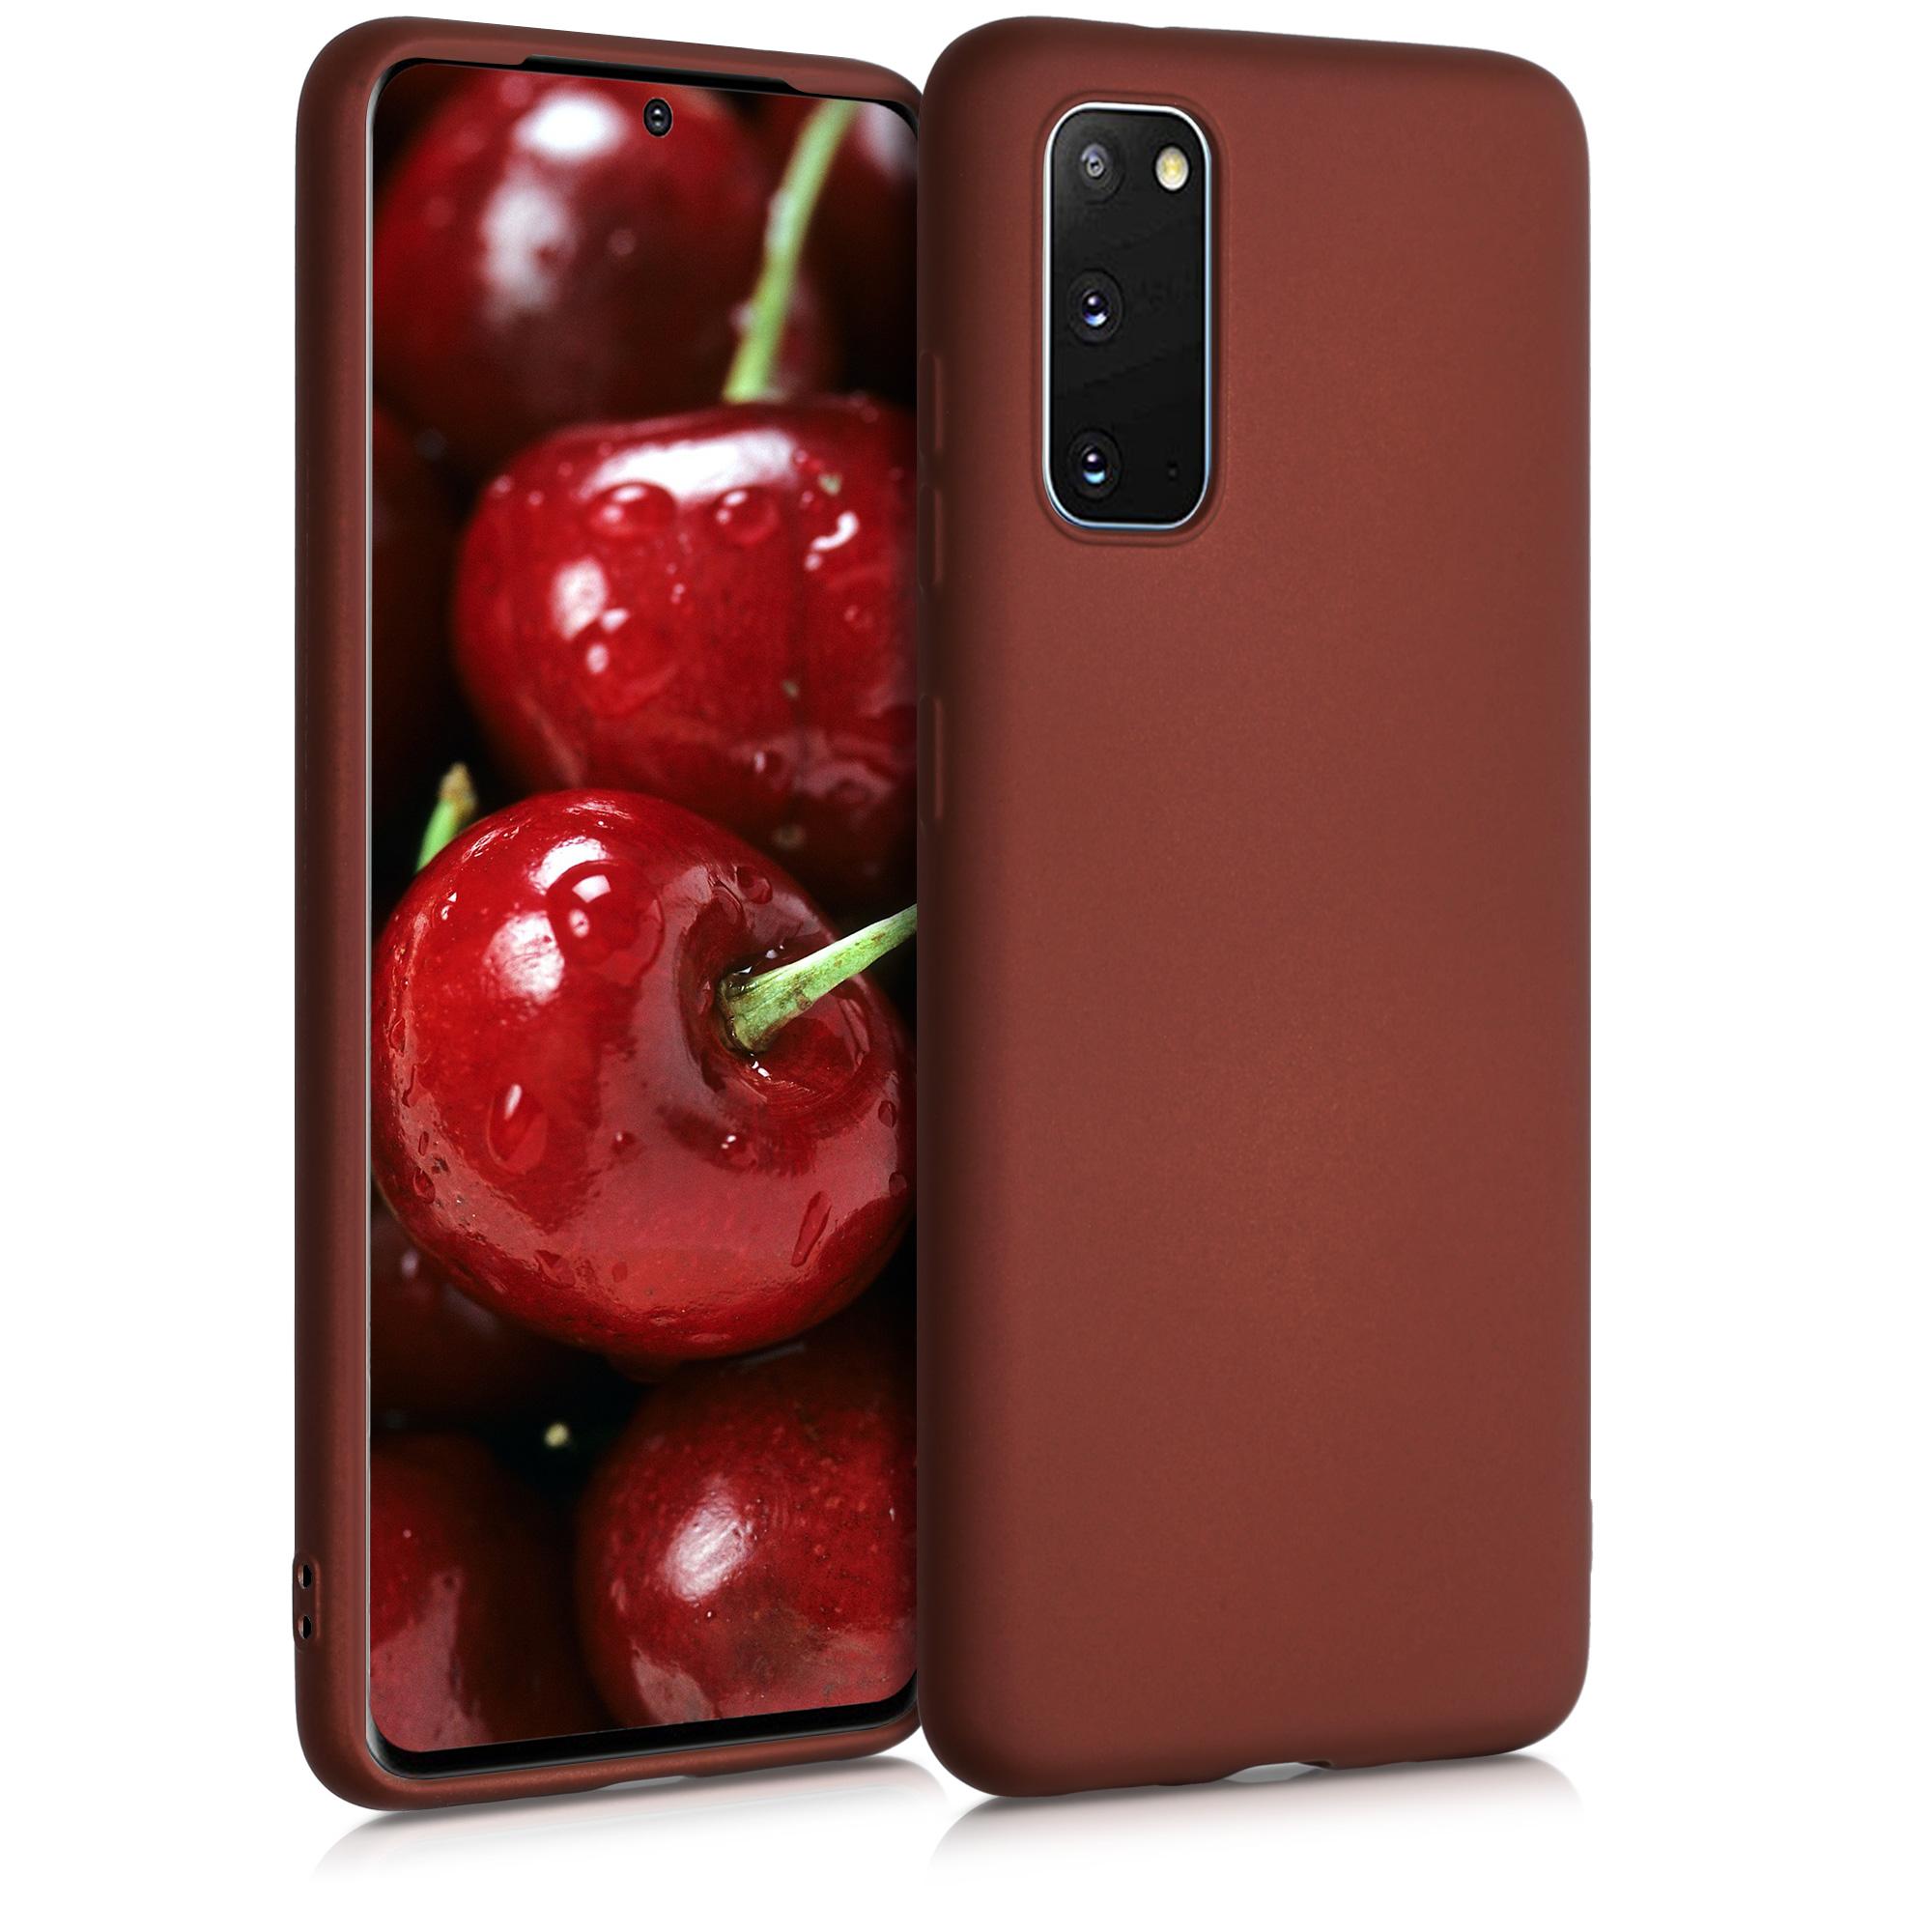 Rubínově červené metalické silikonové pouzdro / obal pro Samsung S20